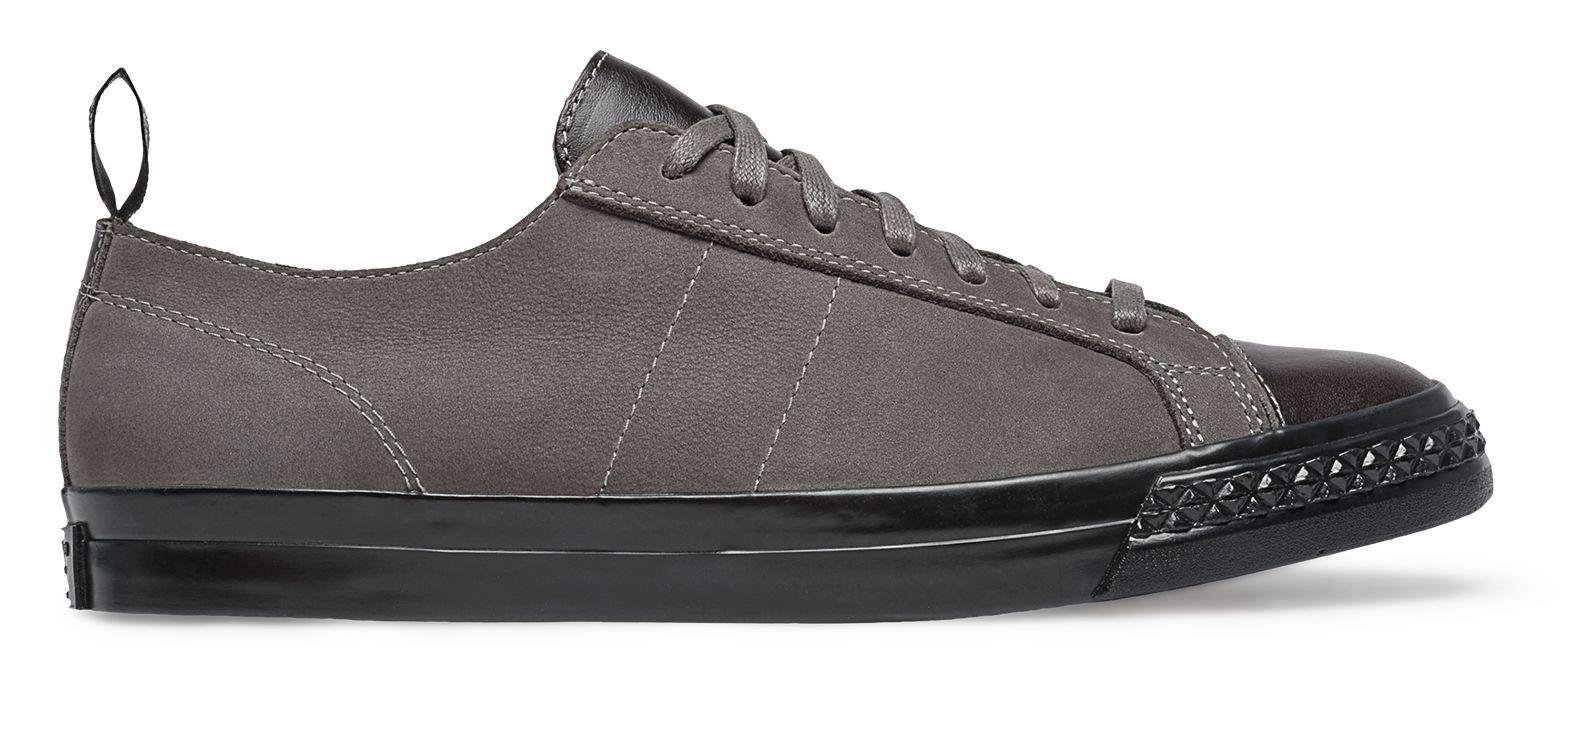 Todd Snyder Rambler Lo Shoes